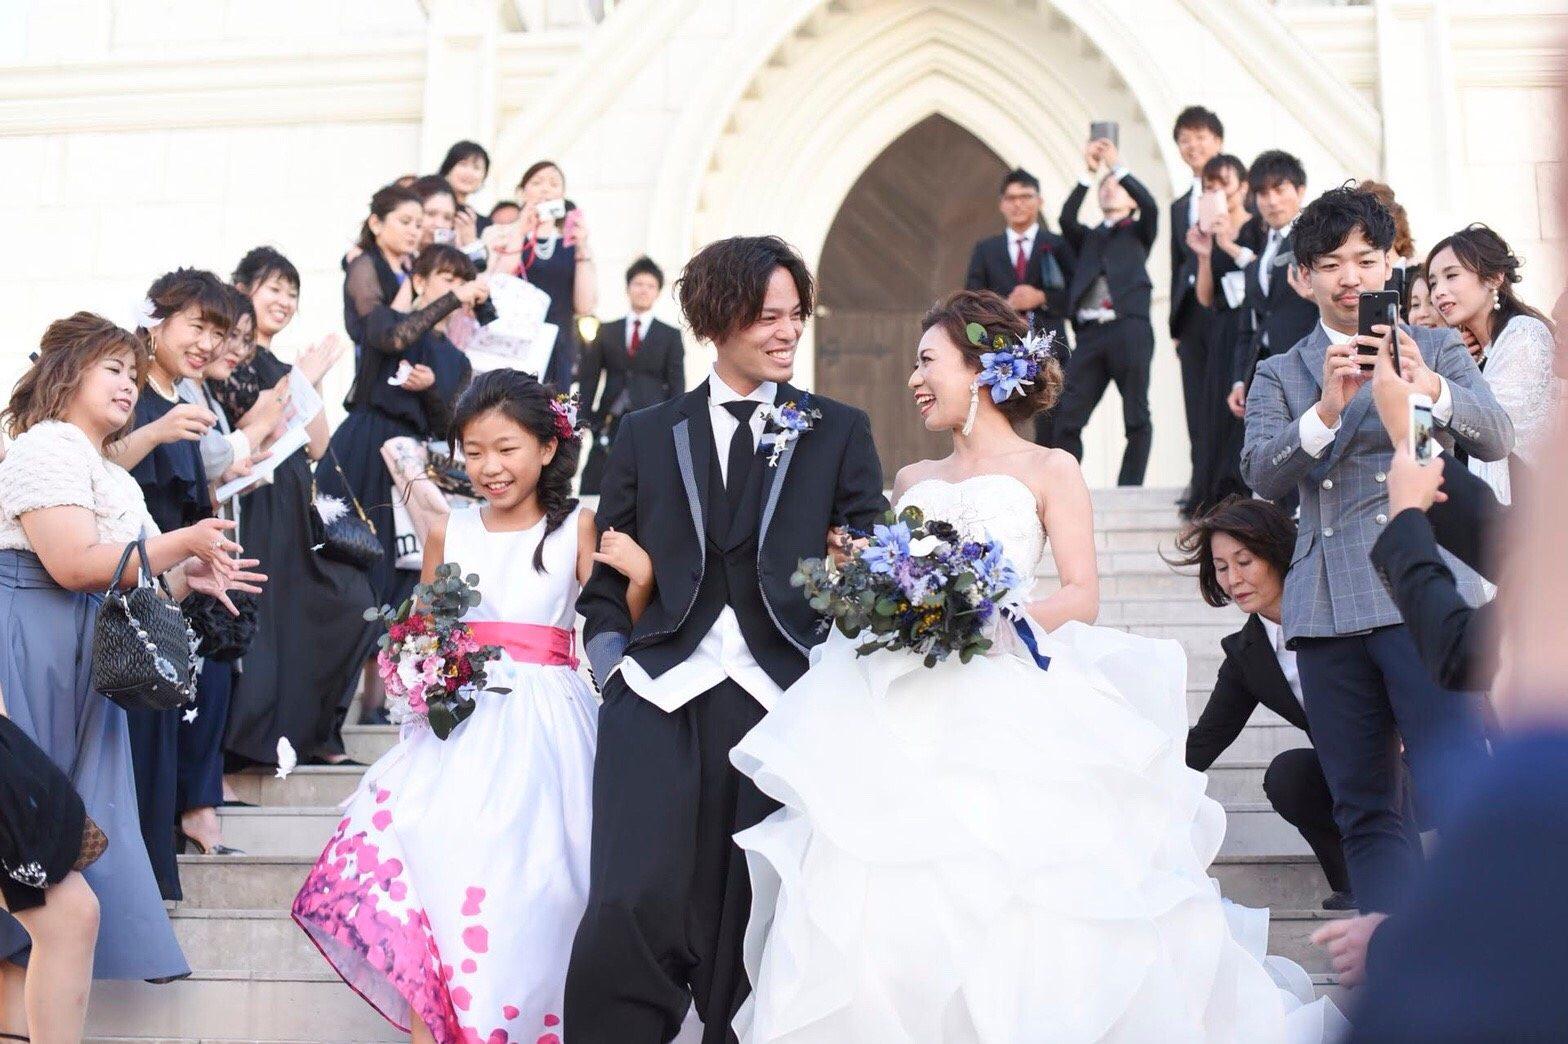 香川県高松市の小さな結婚式紹介所マリマリコンシェルジュでファミリーウエディングのご紹介